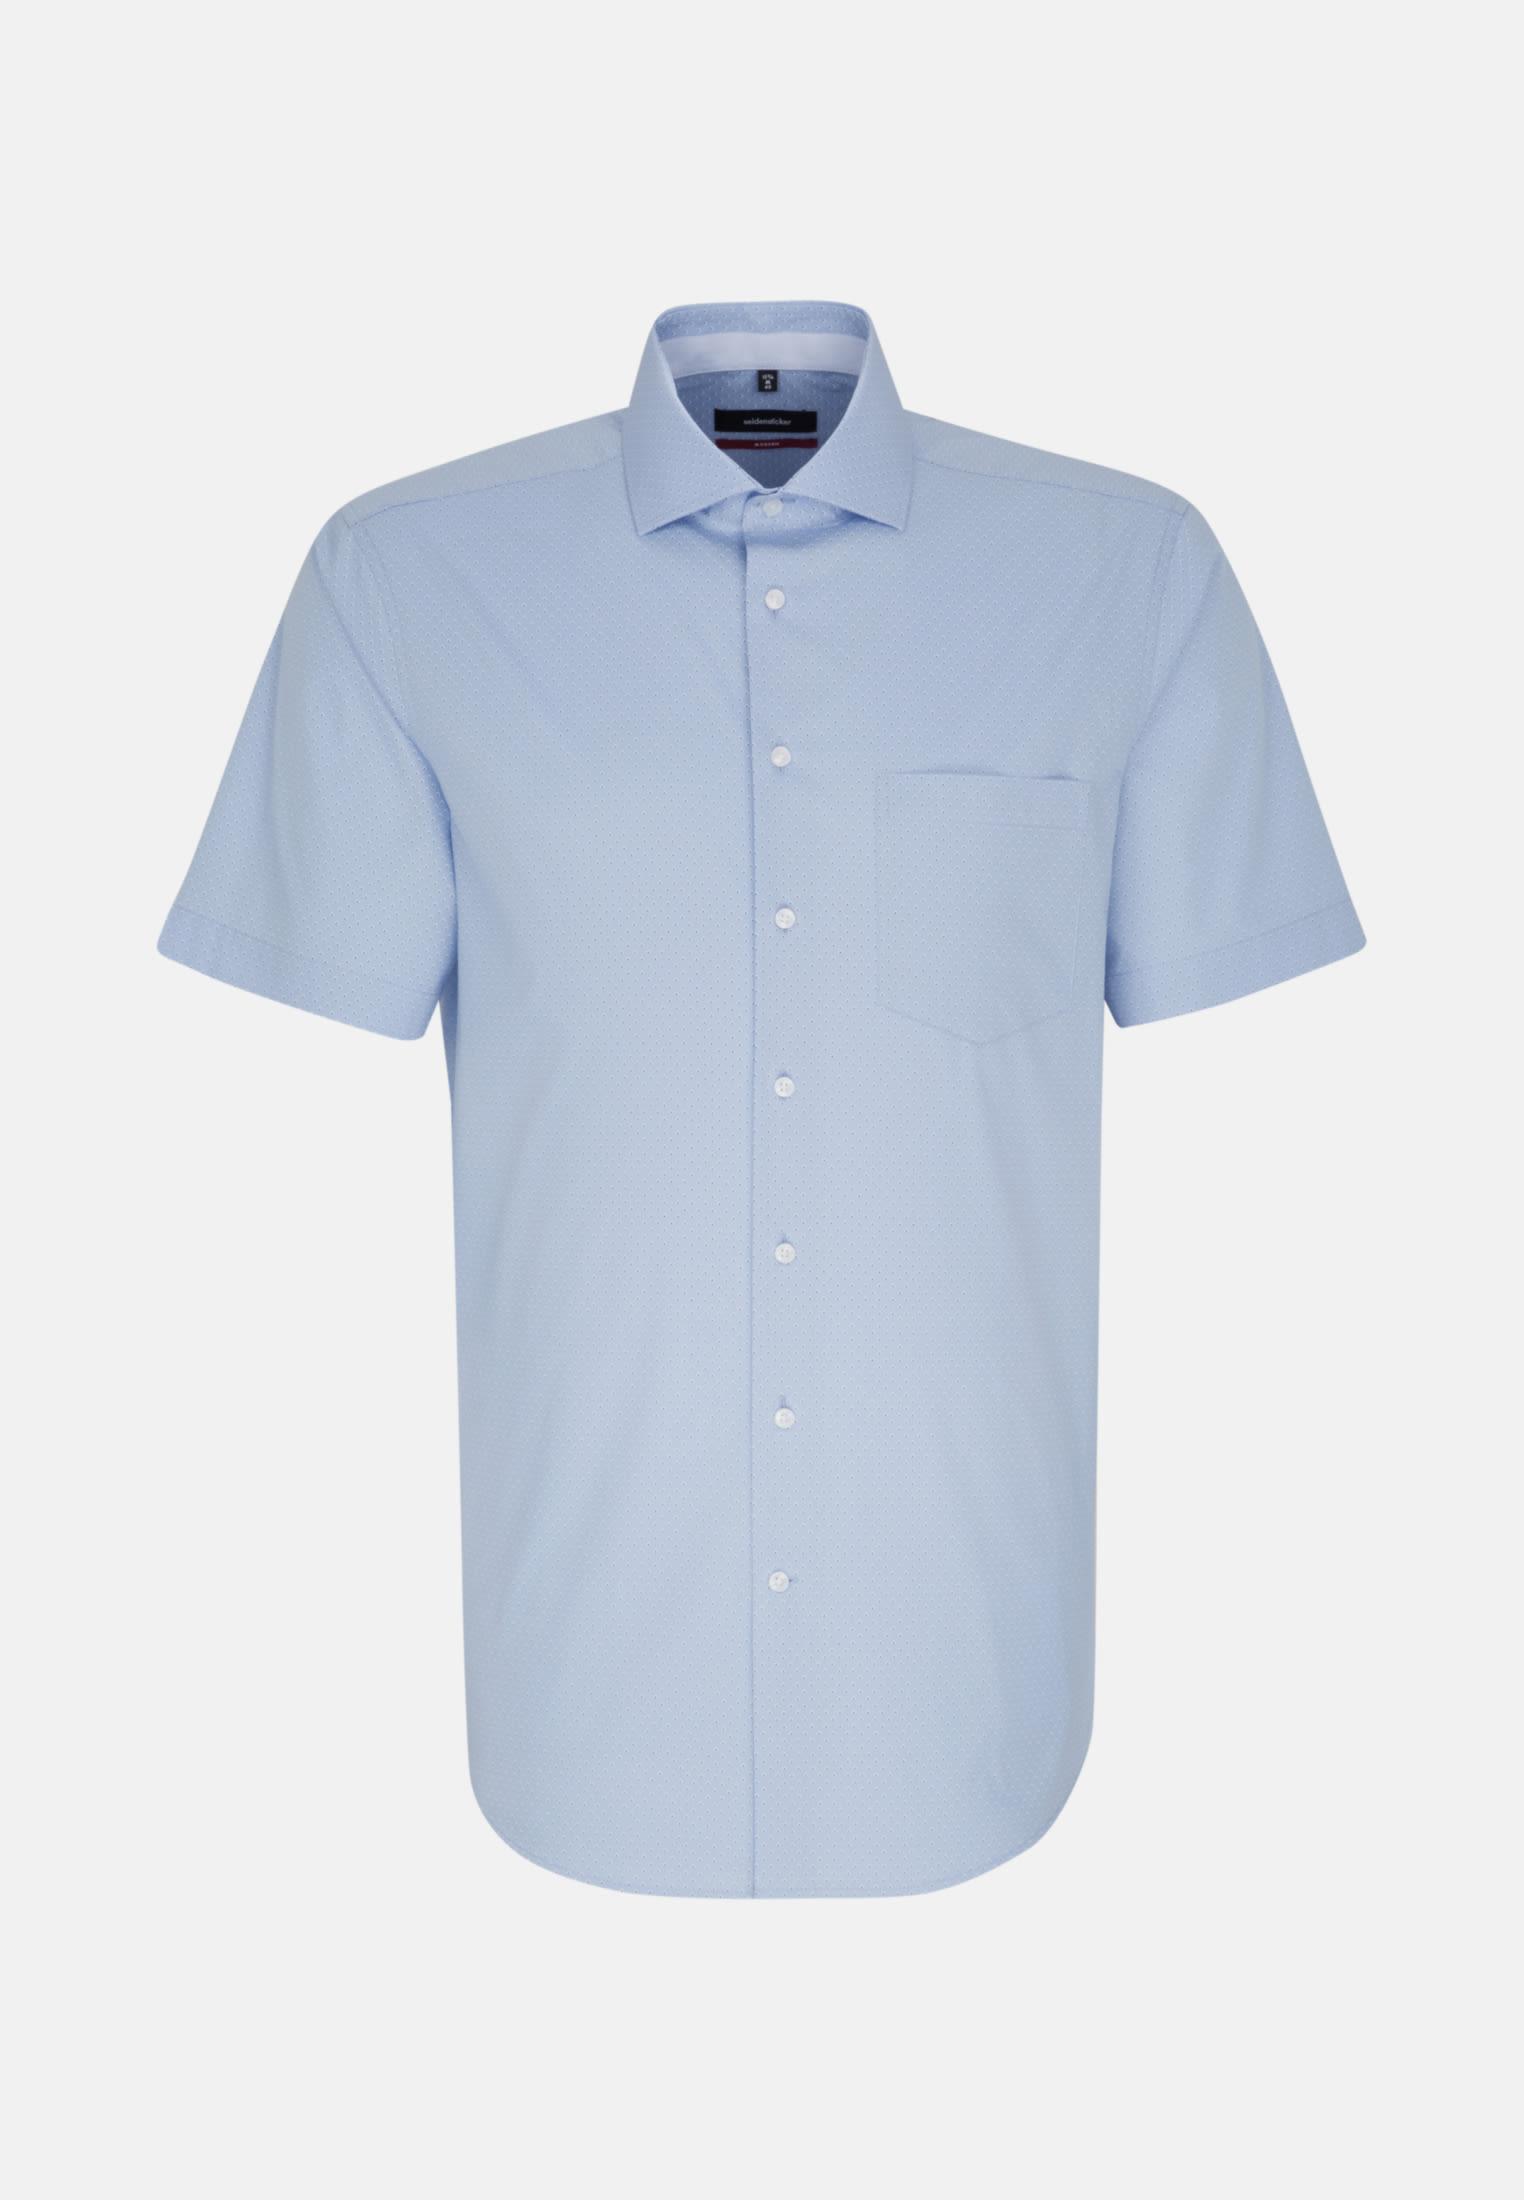 Bügelleichtes Popeline Kurzarm Business Hemd in Regular mit Kentkragen in Hellblau |  Seidensticker Onlineshop